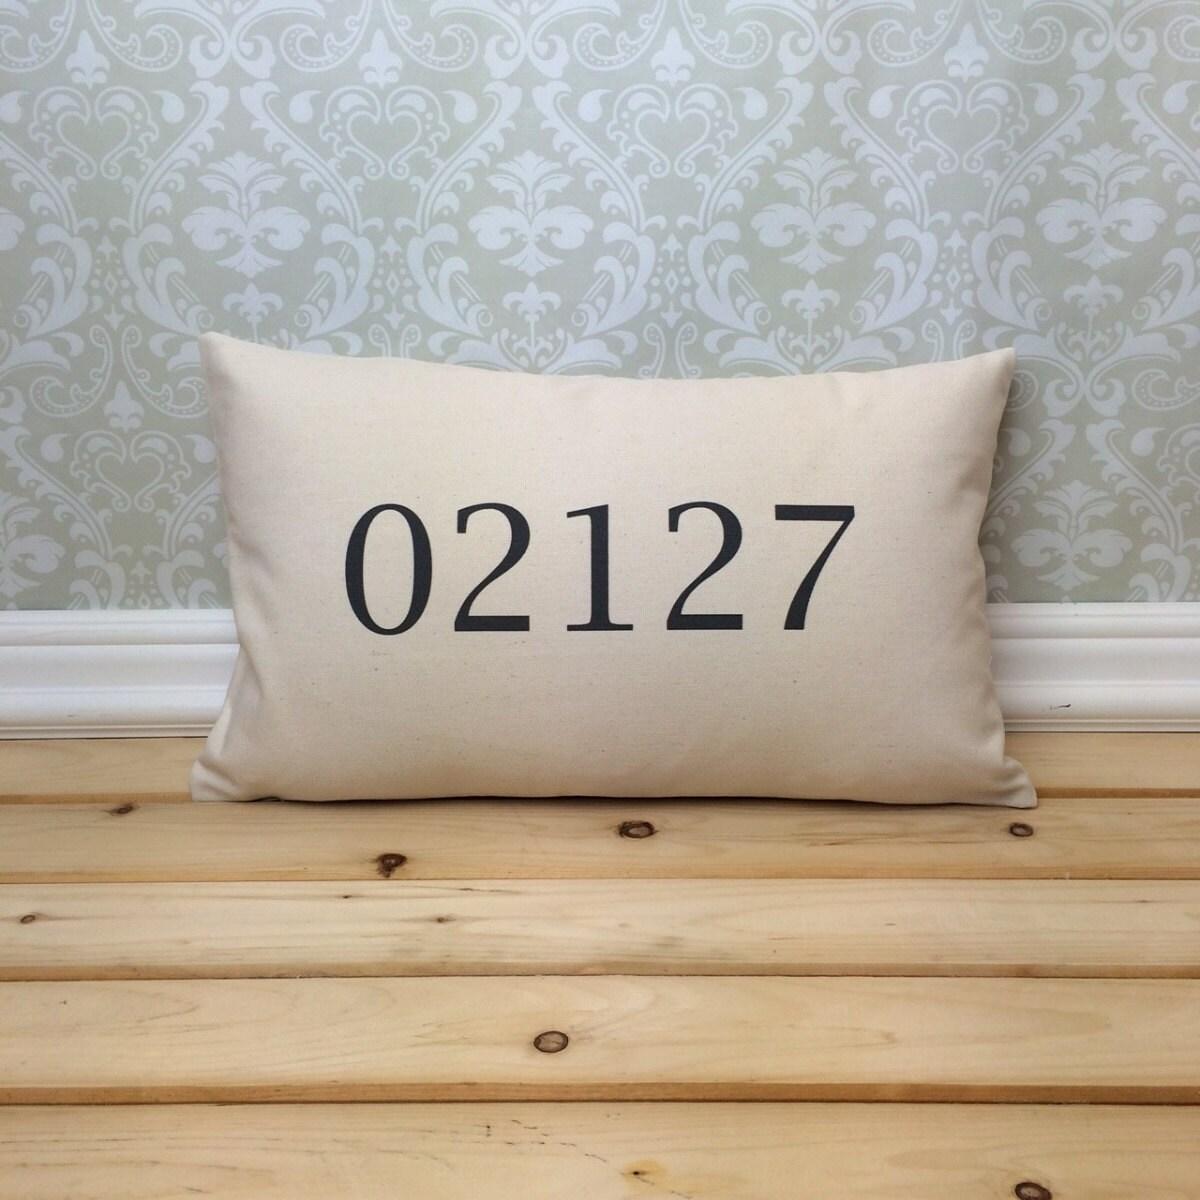 Zip code pillow long address home decor